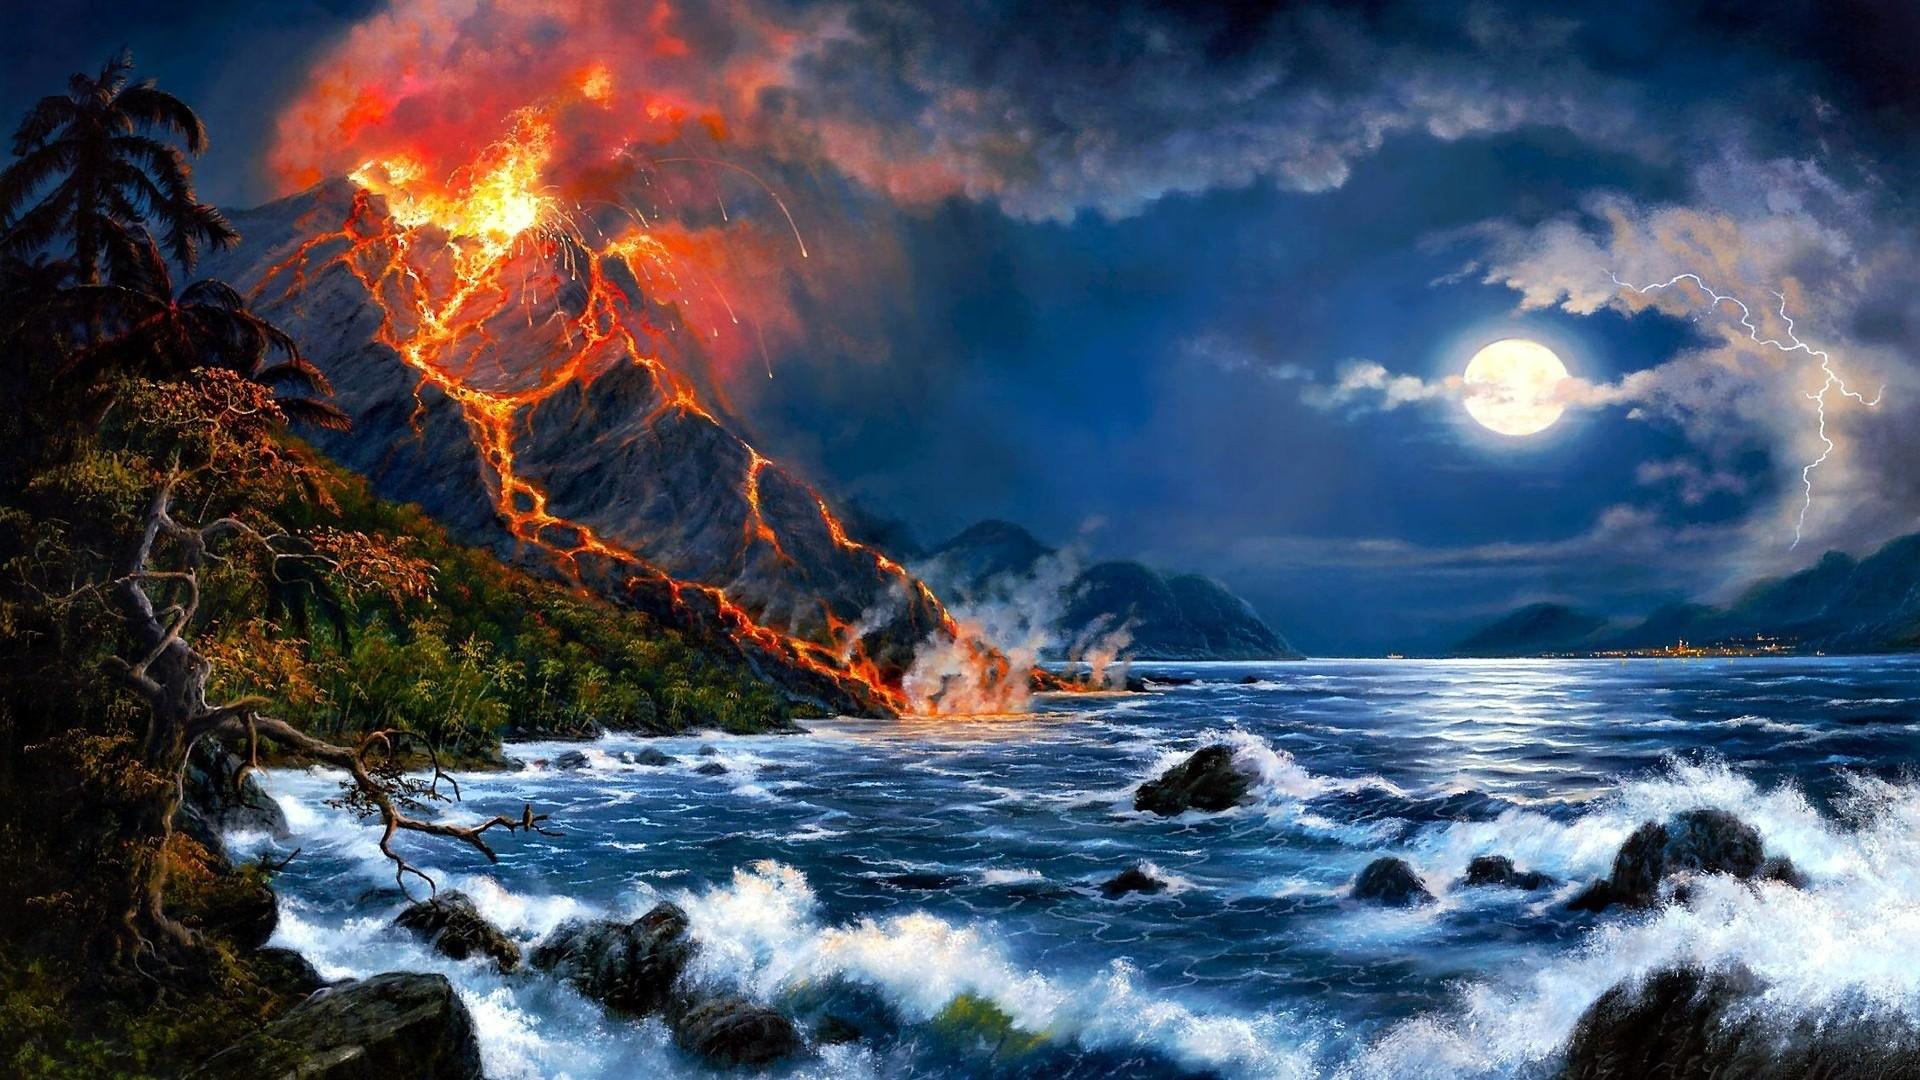 Fantasy Volcano Wallpaper